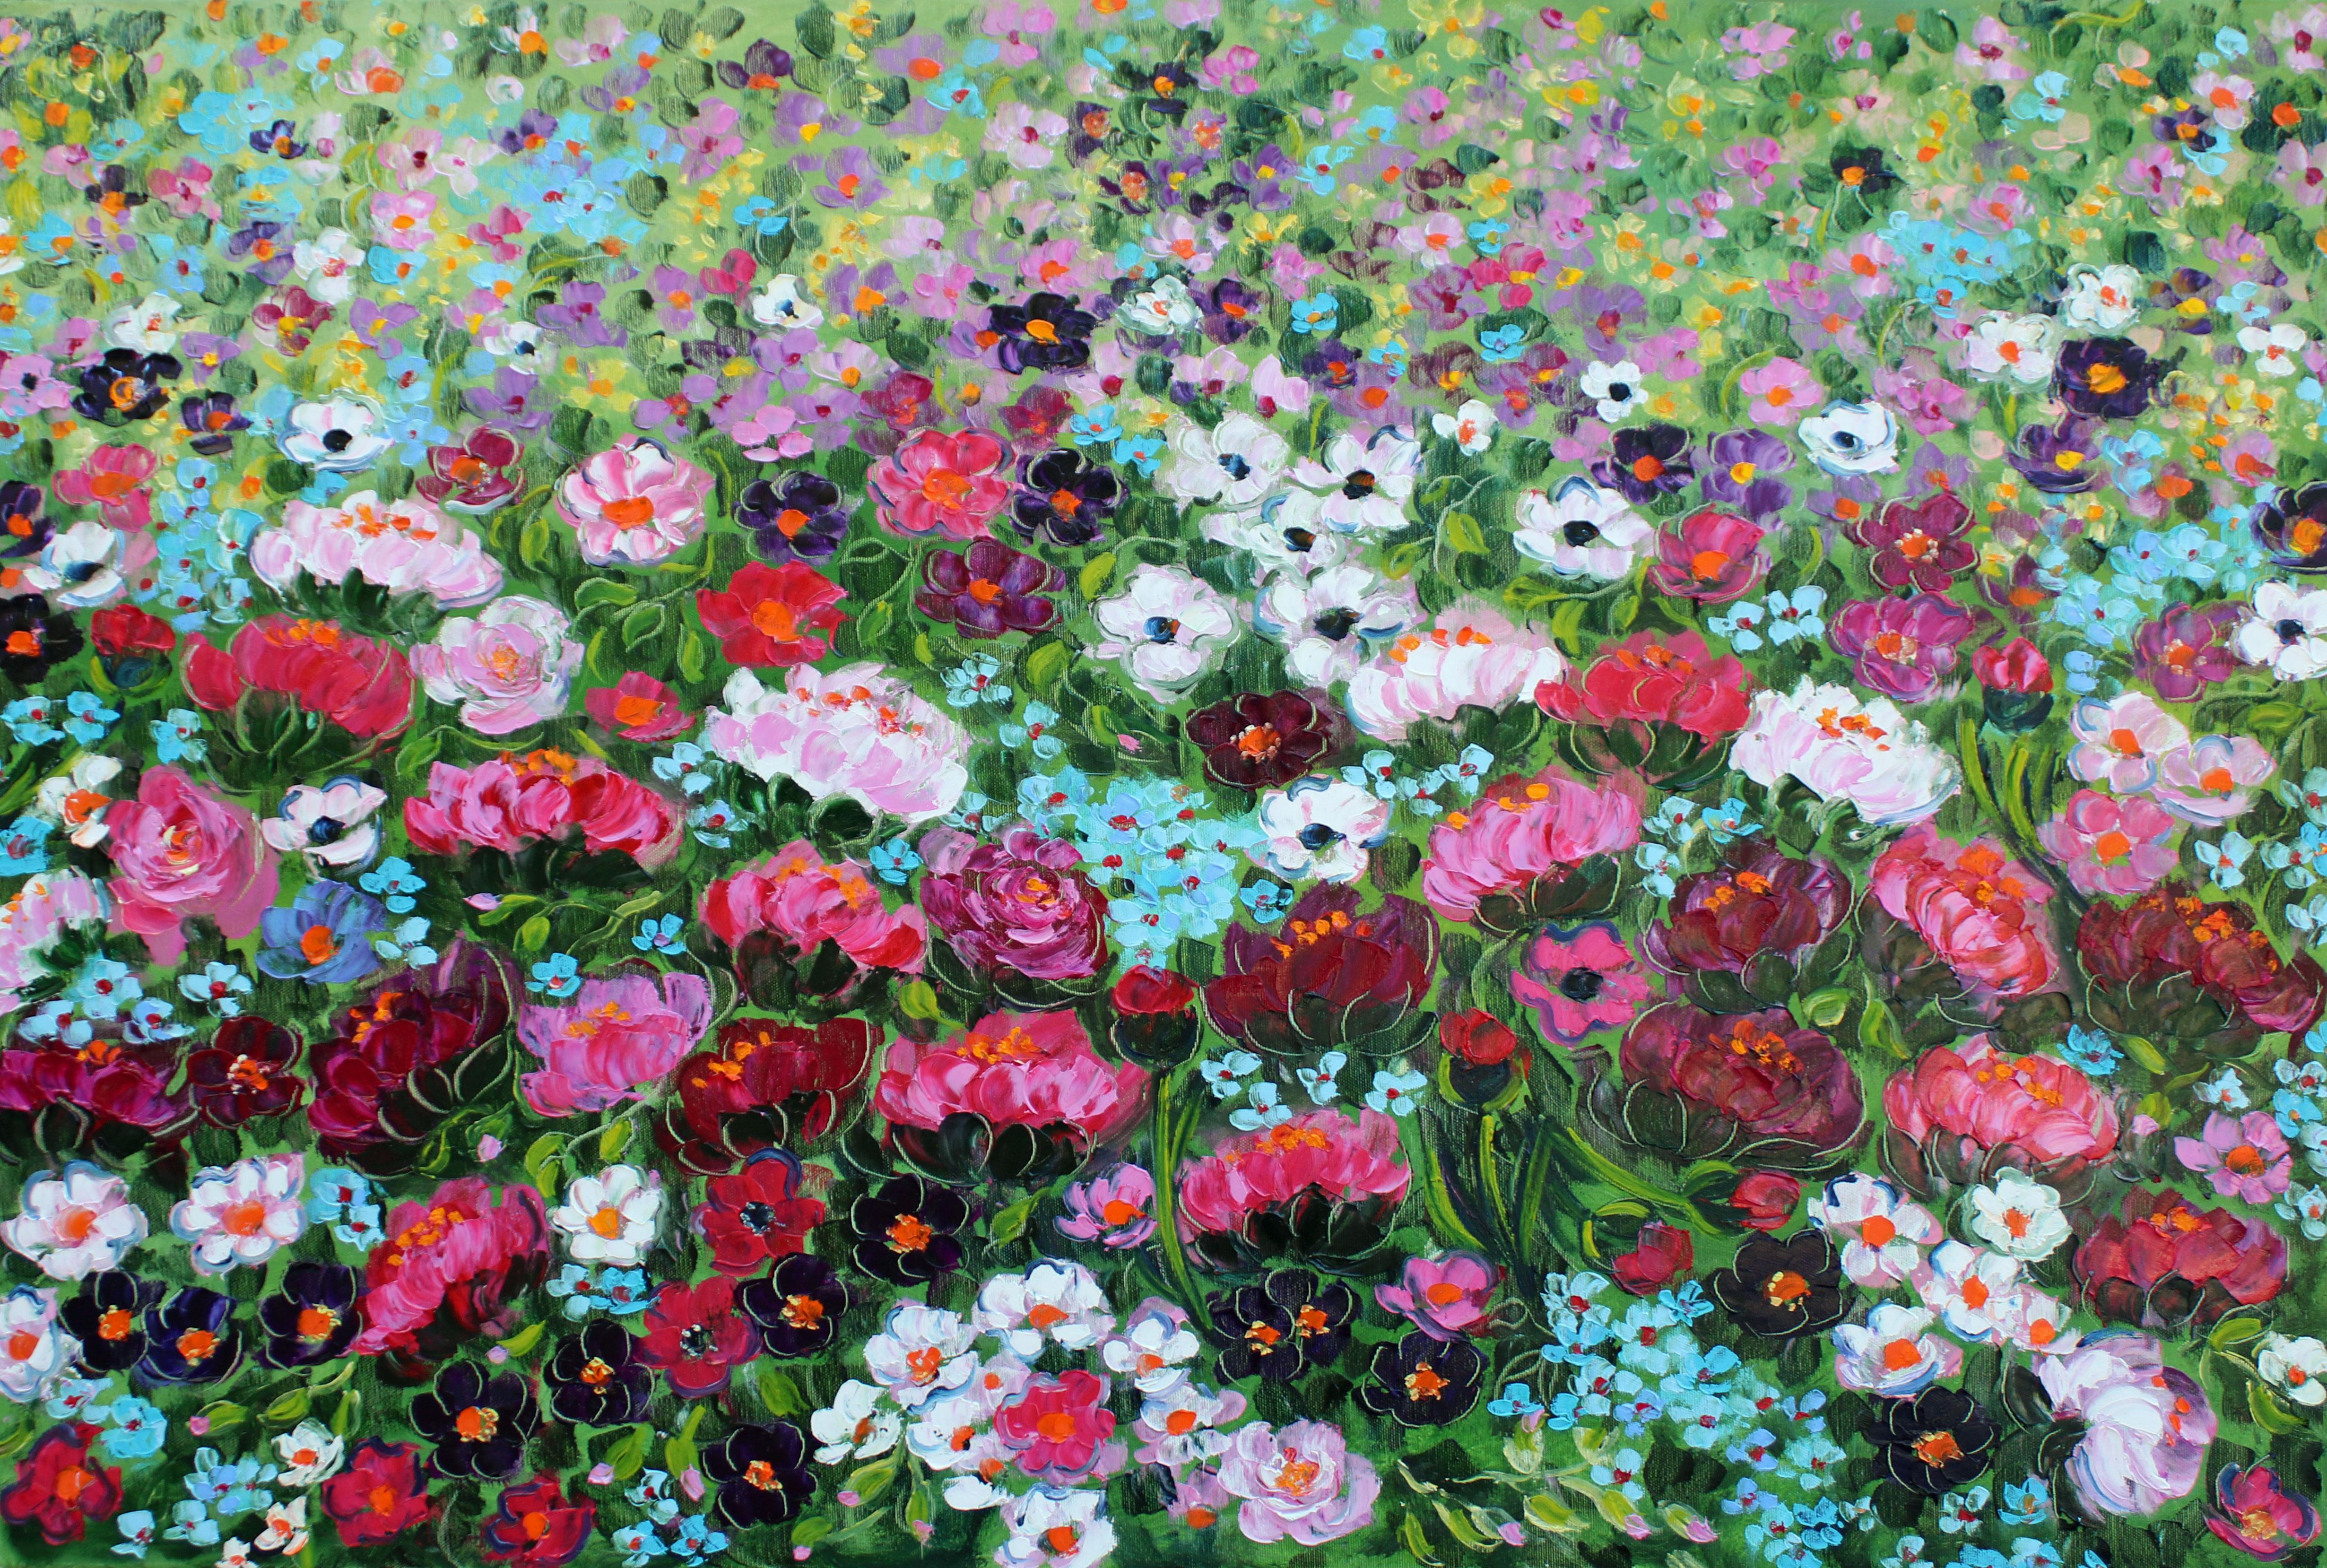 Rif. 1384 - Peonie in fiore